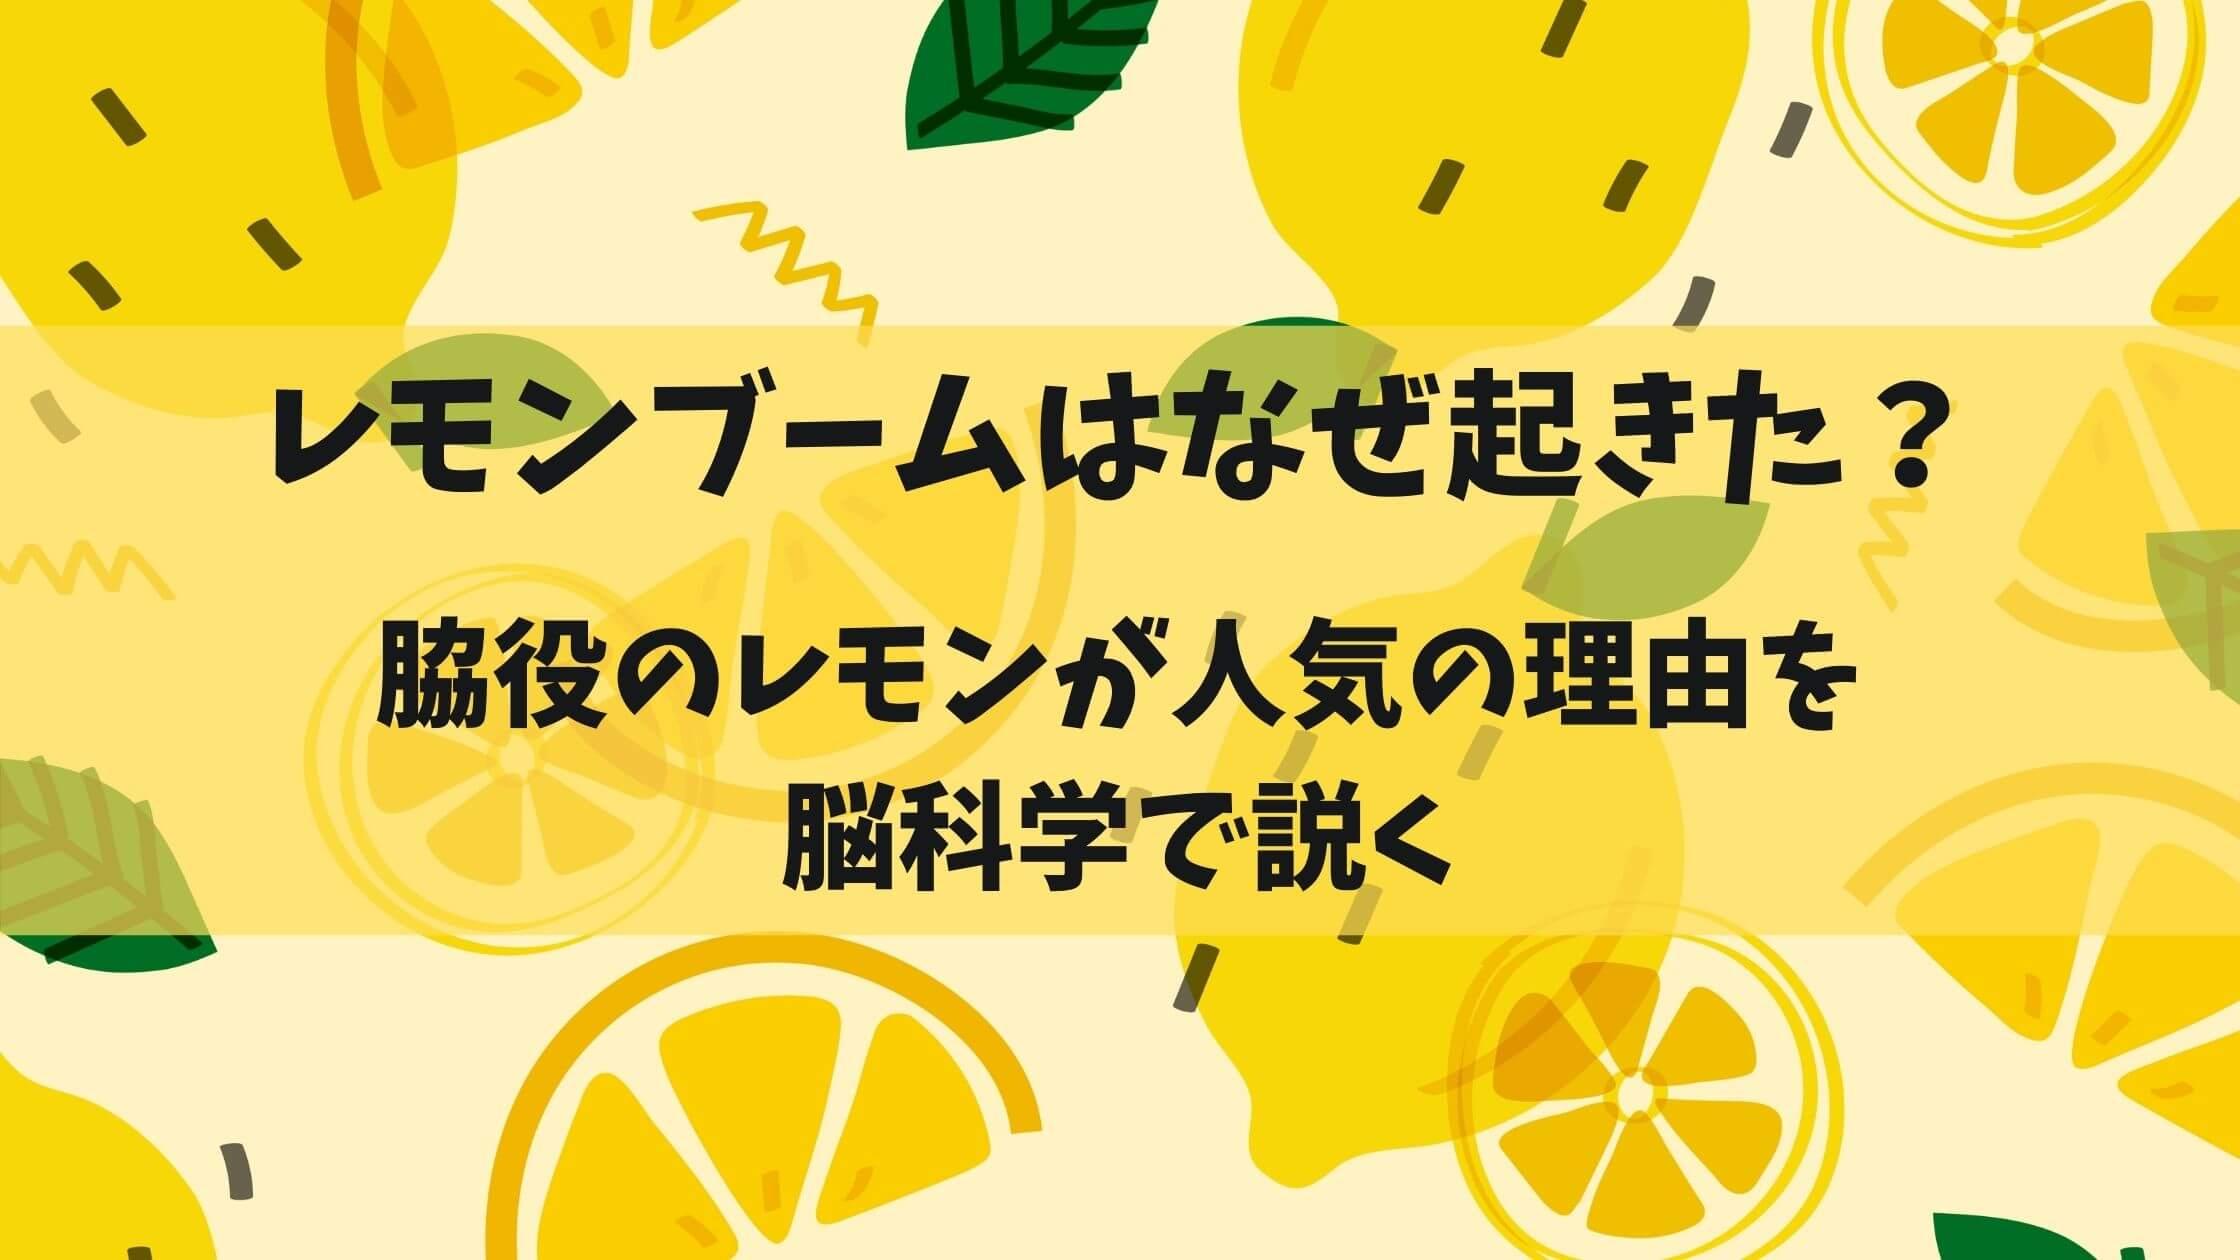 レモン-A1